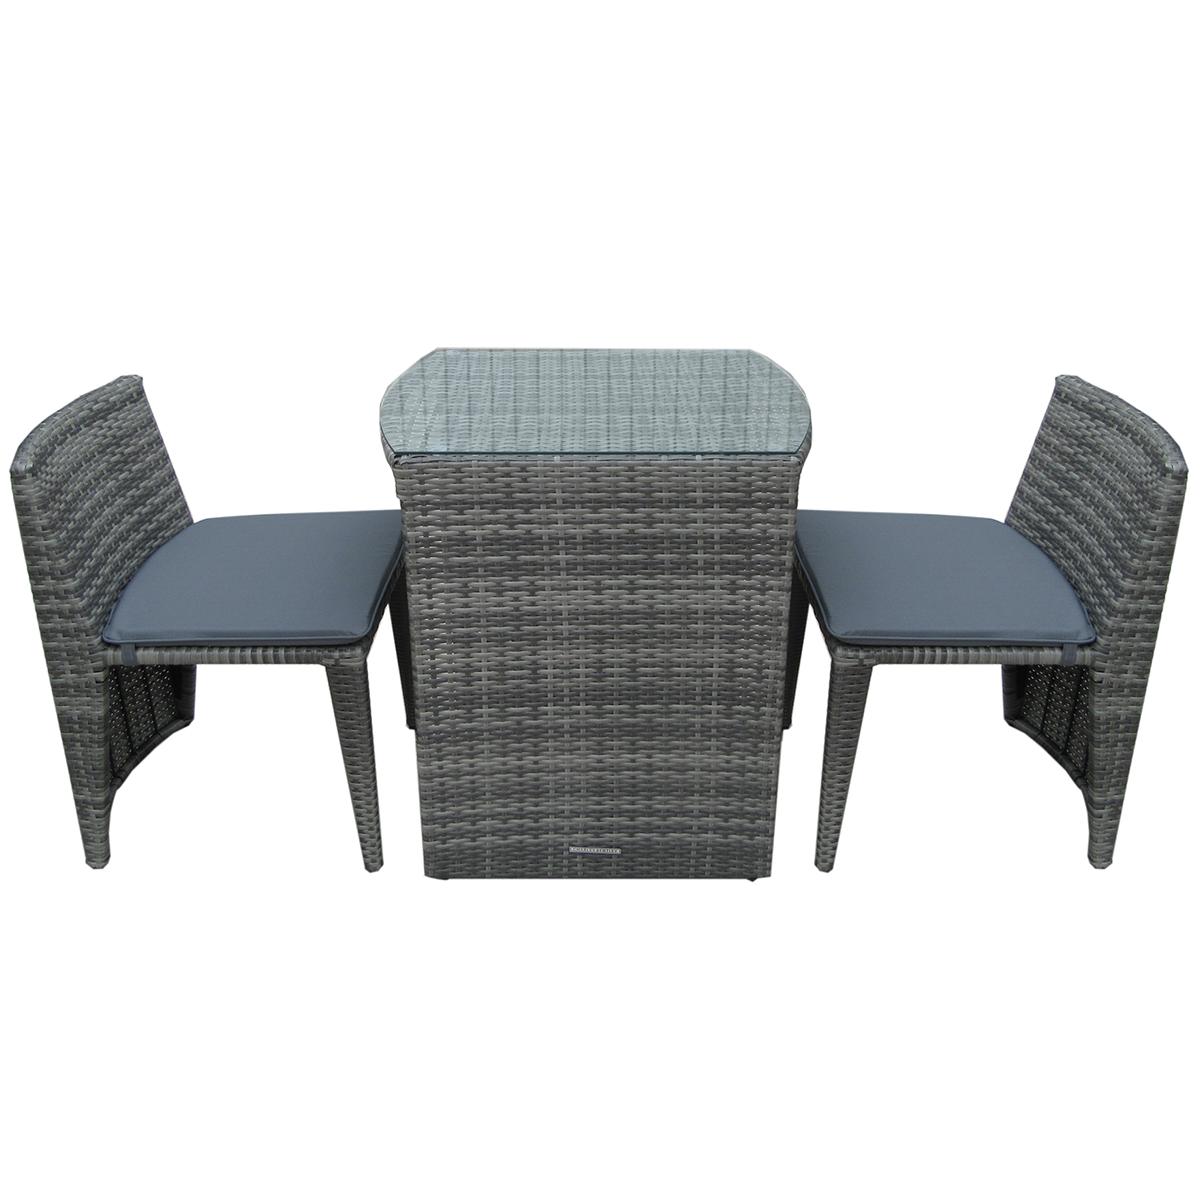 Salon de jardin compact avec 2 fauteuils - imperméable - rotin ...